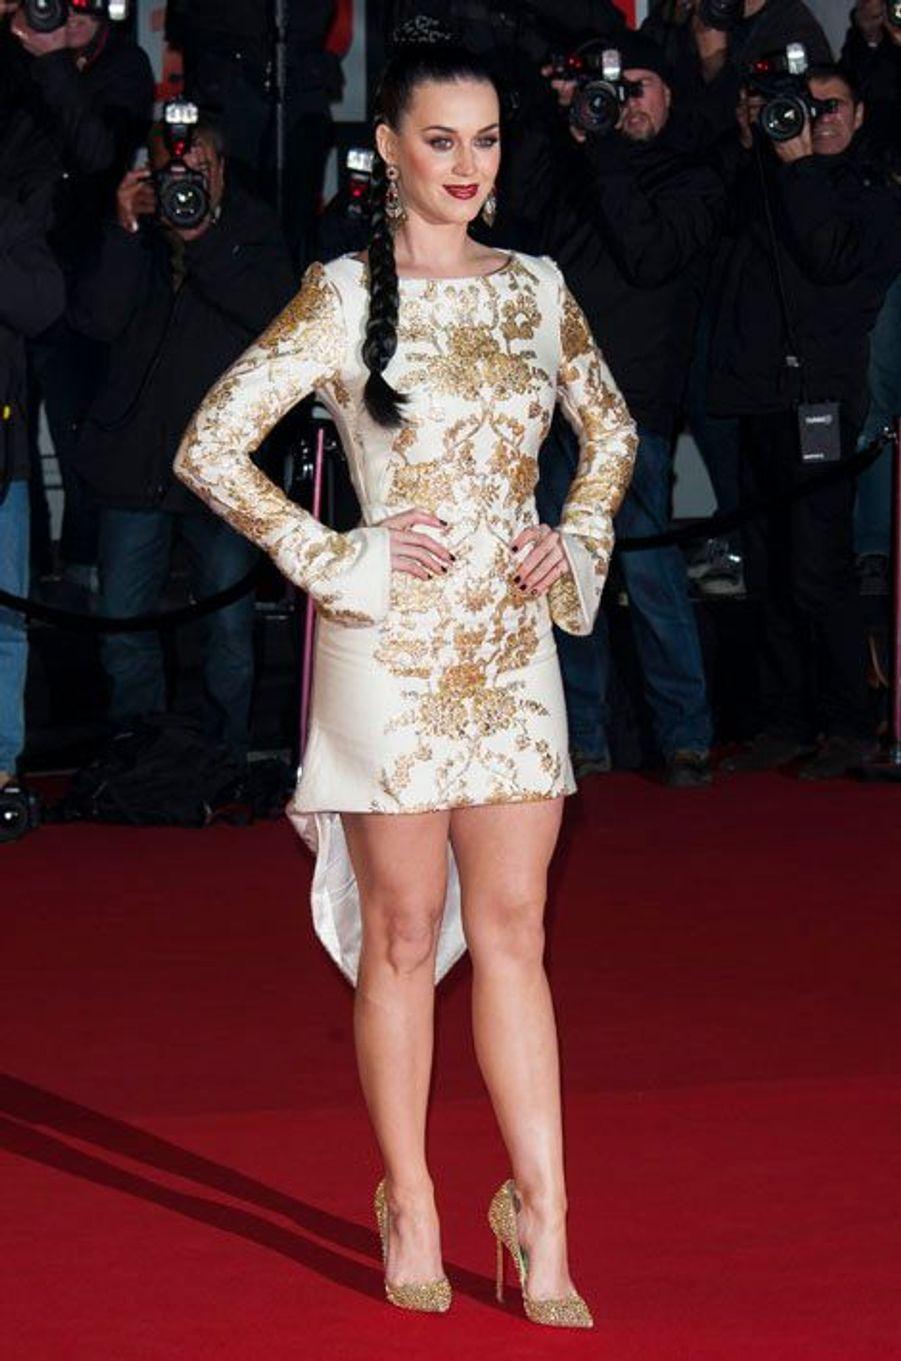 Katy Perry sur le tapis rouge des NRJ Music Awards, Cannes, décembre 2013